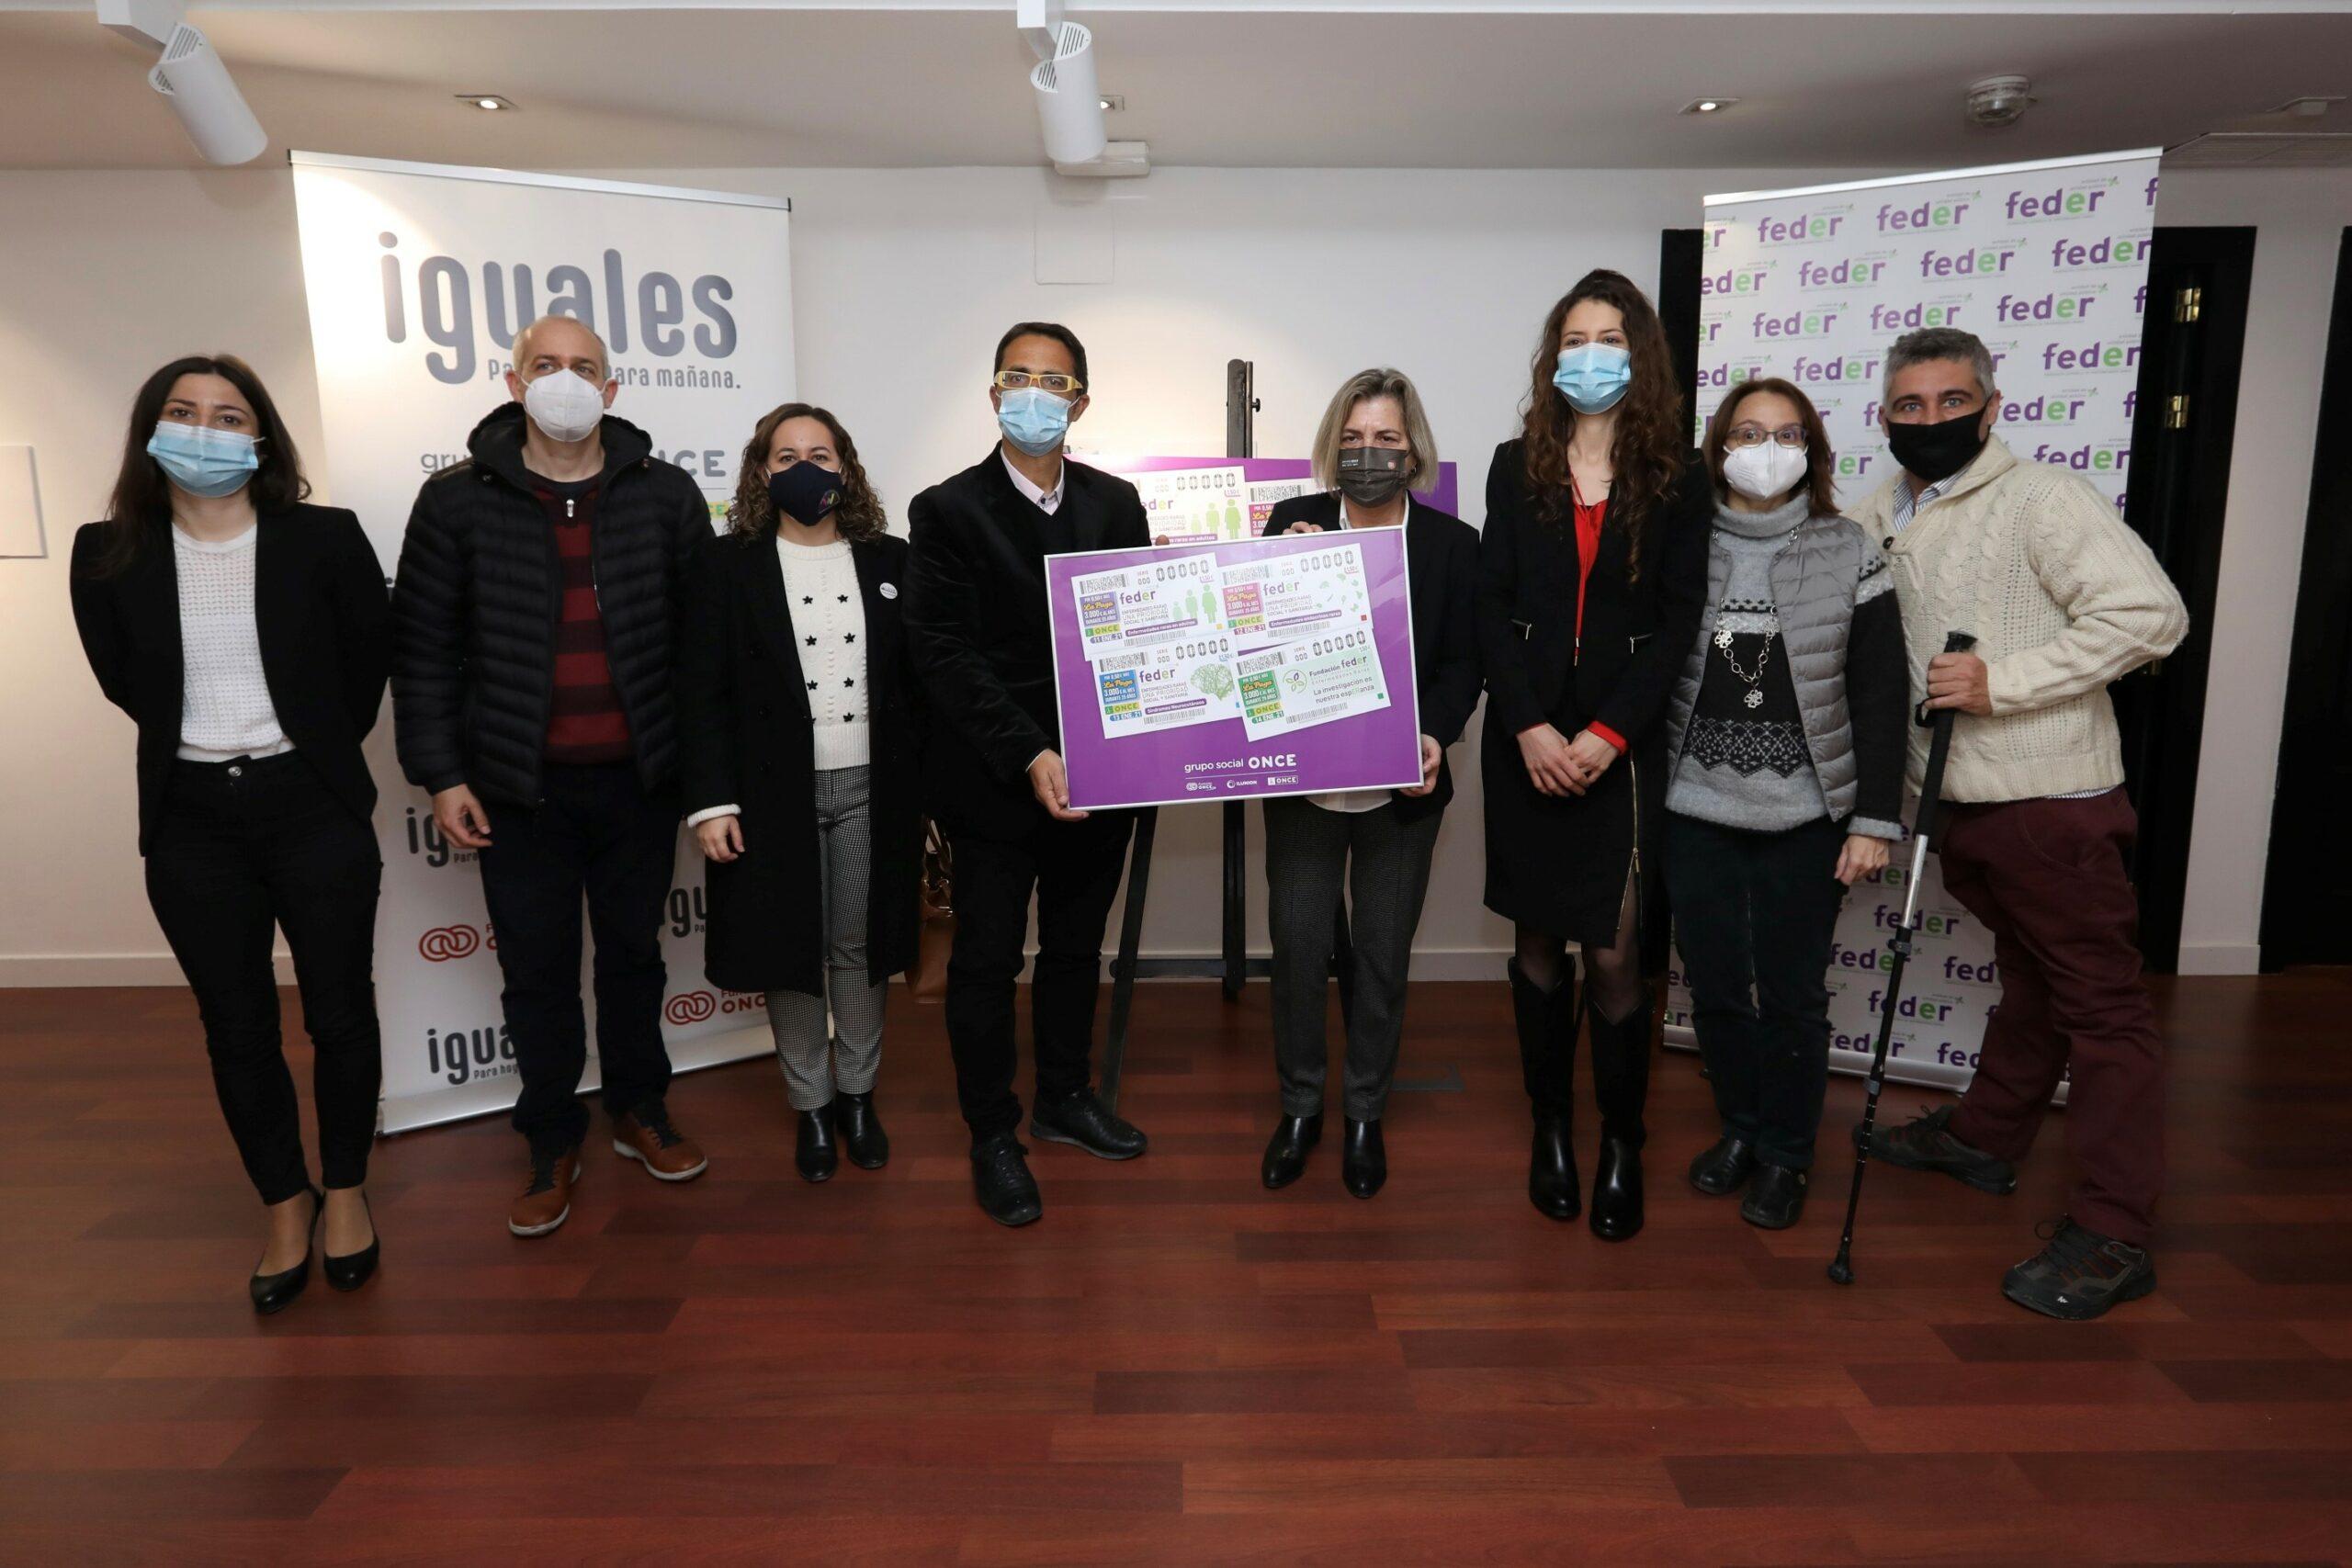 La ONCE dedica 22 millones de cupones para apoyar a las personas con enfermedades raras